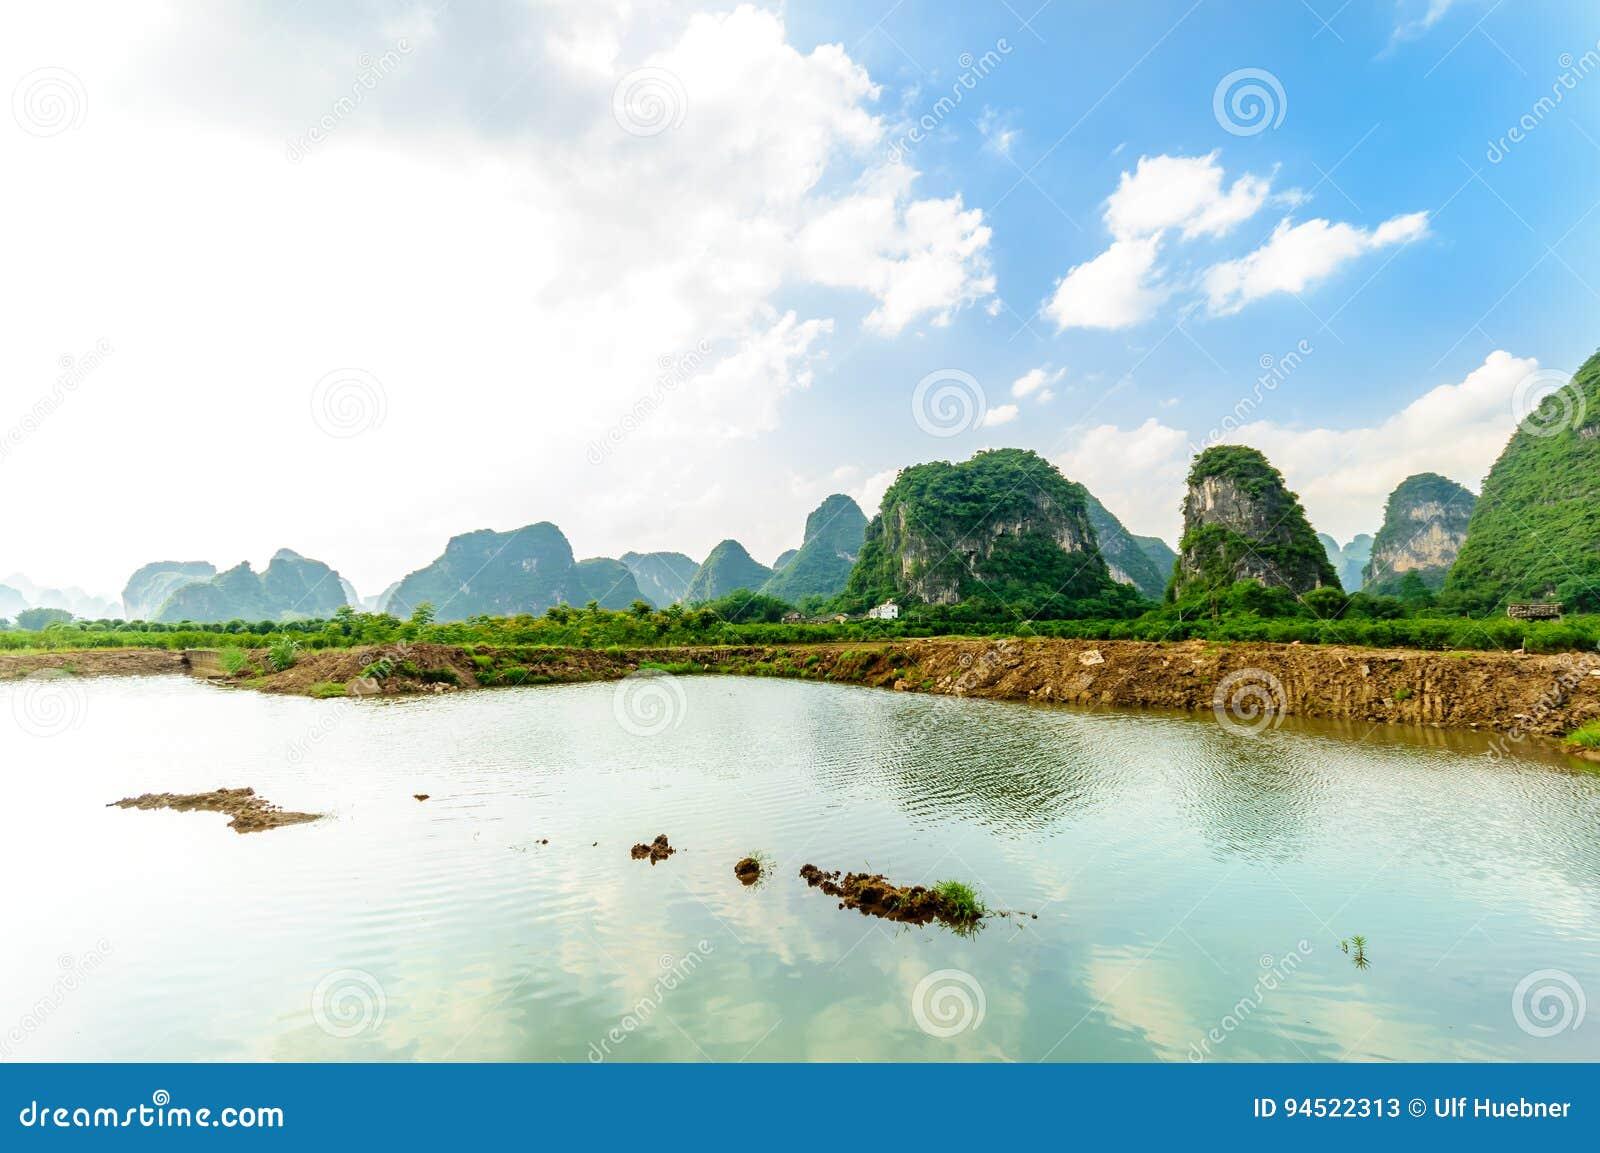 Karst landschap en Li-rivier door Yanhsshuo in Yanhshuo